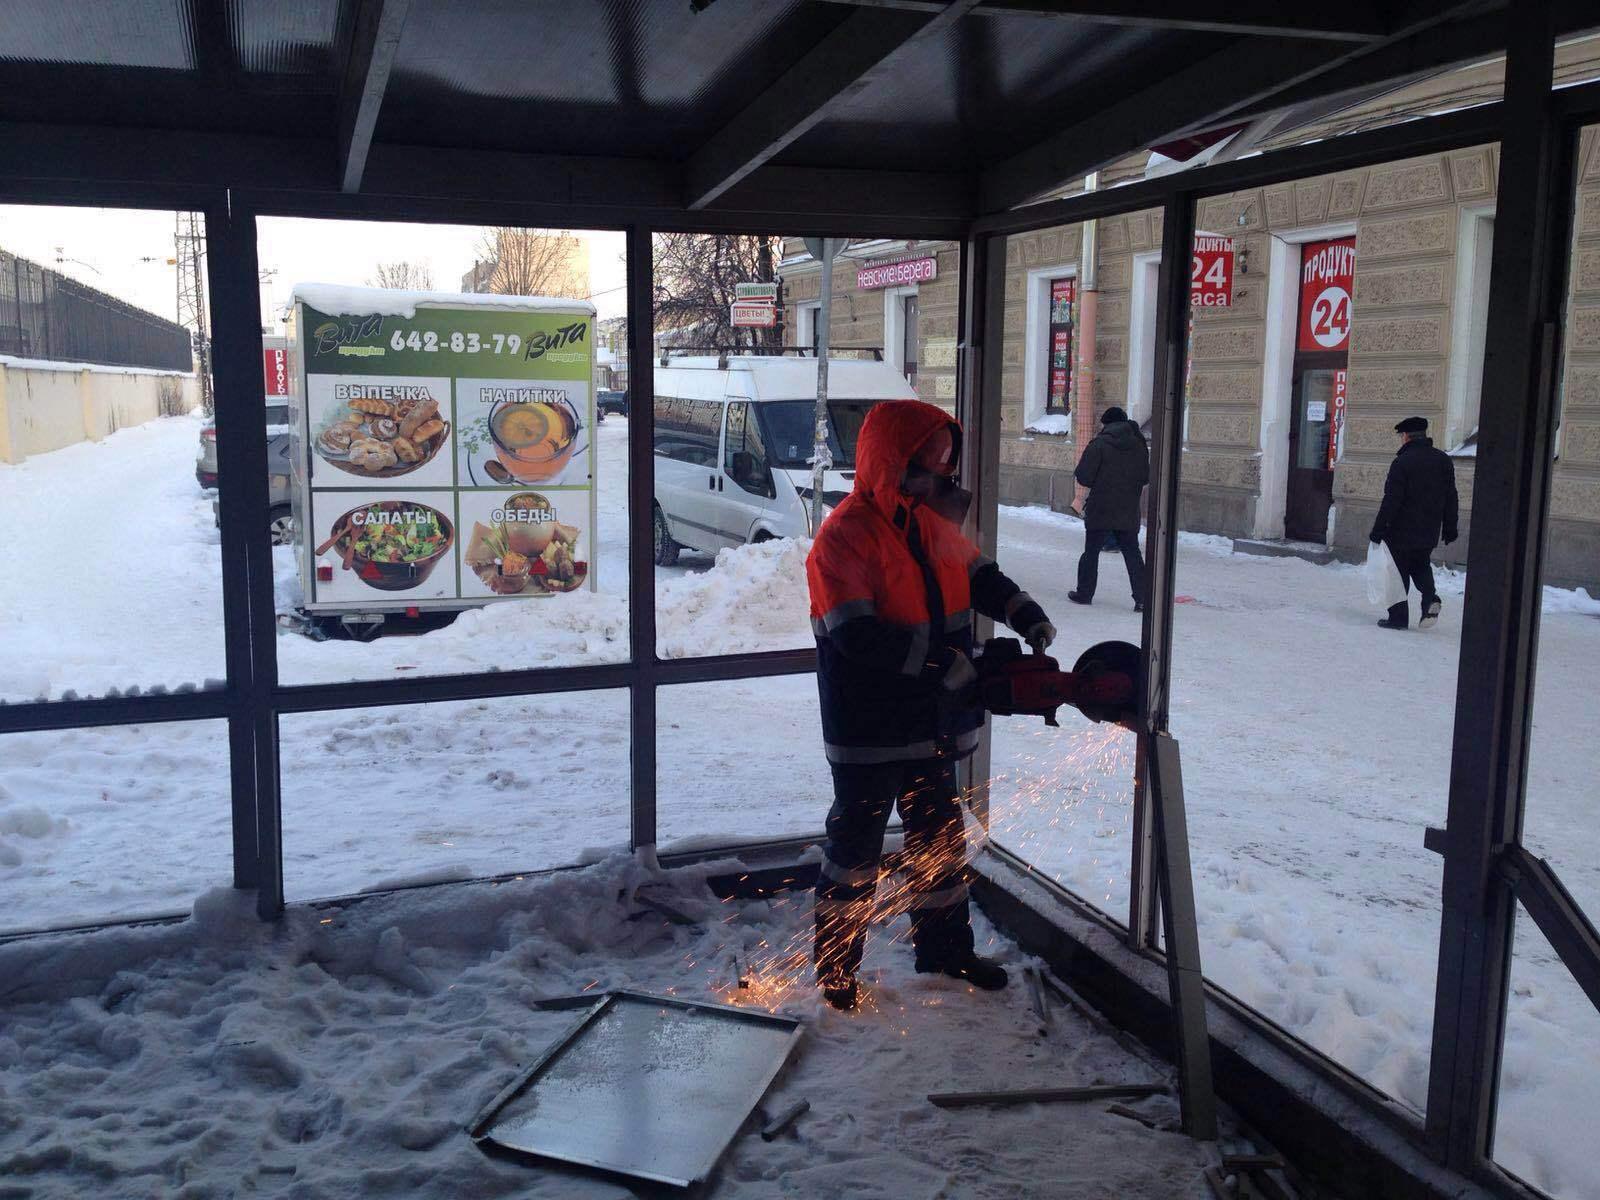 Смольный сносит кафе «Олива» у Финляндского вокзала (Иллюстрация 2 из 2) (Фото: ЦПЭИГИ)